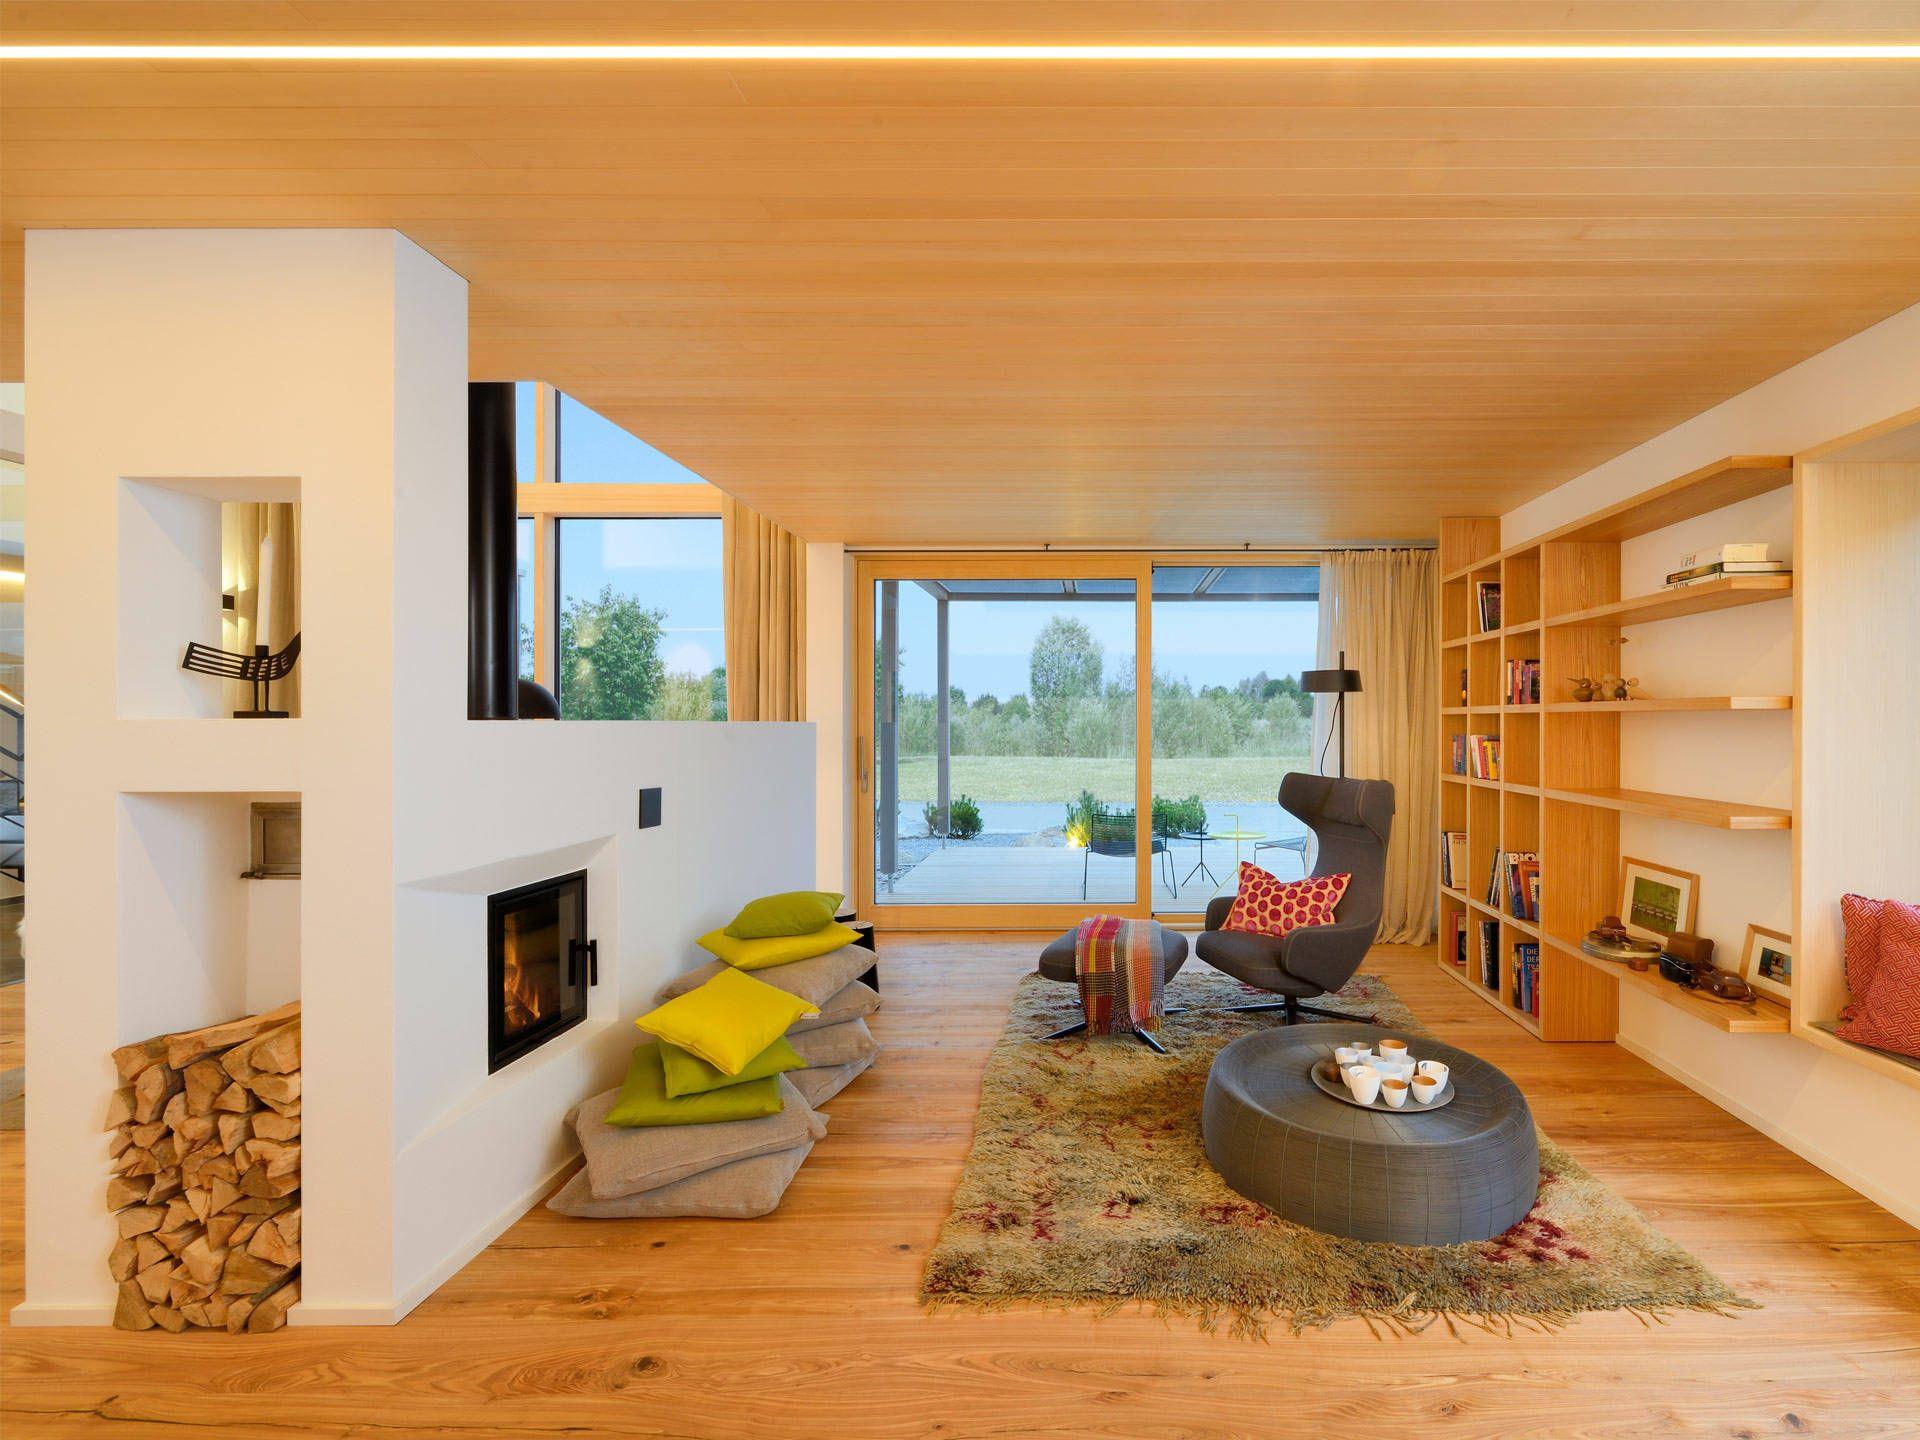 Wohnbereich im Musterhaus Alpenchic von Baufritz • Mit